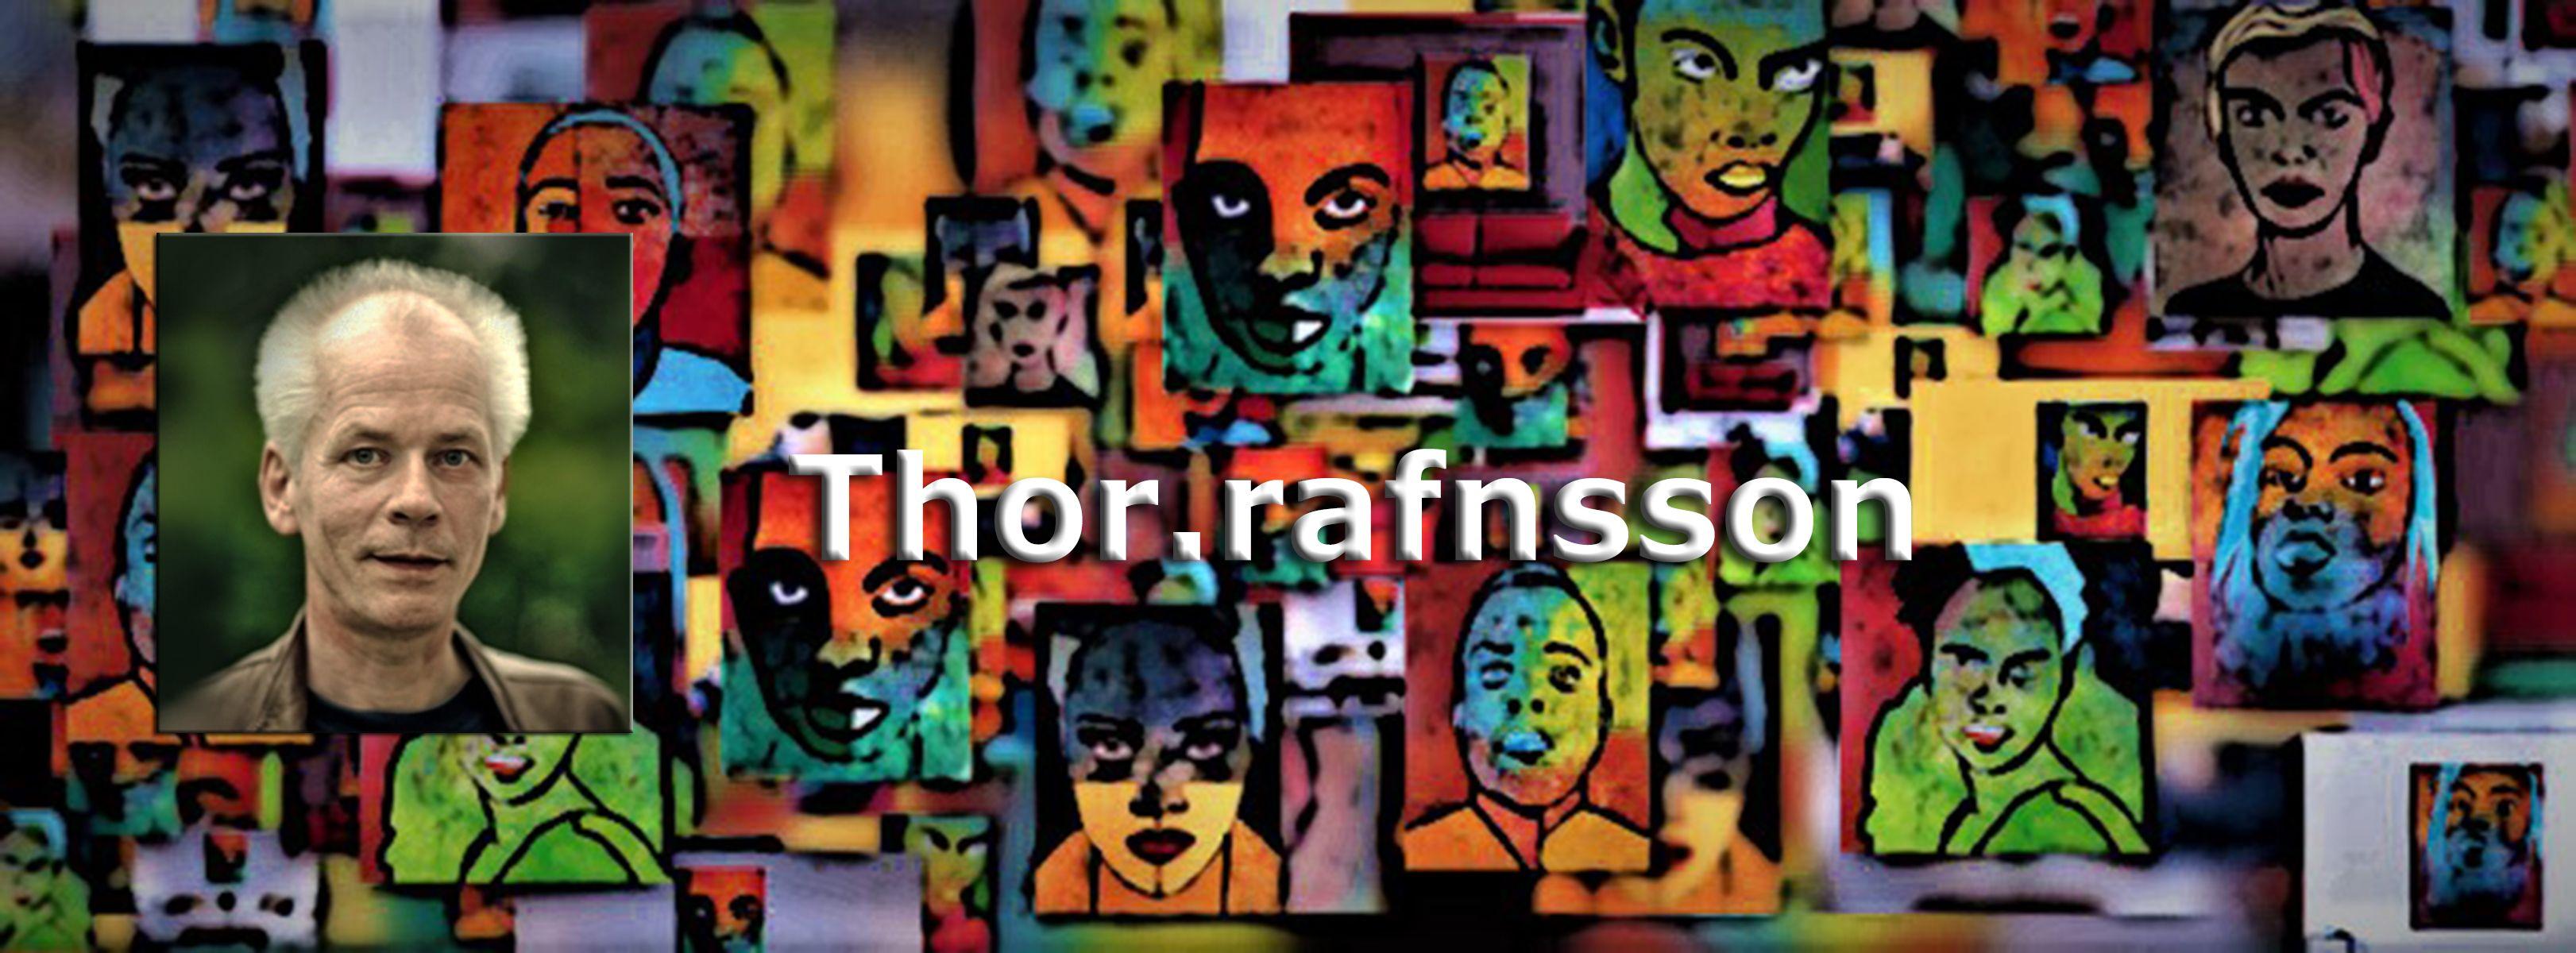 Thor Rafnsson